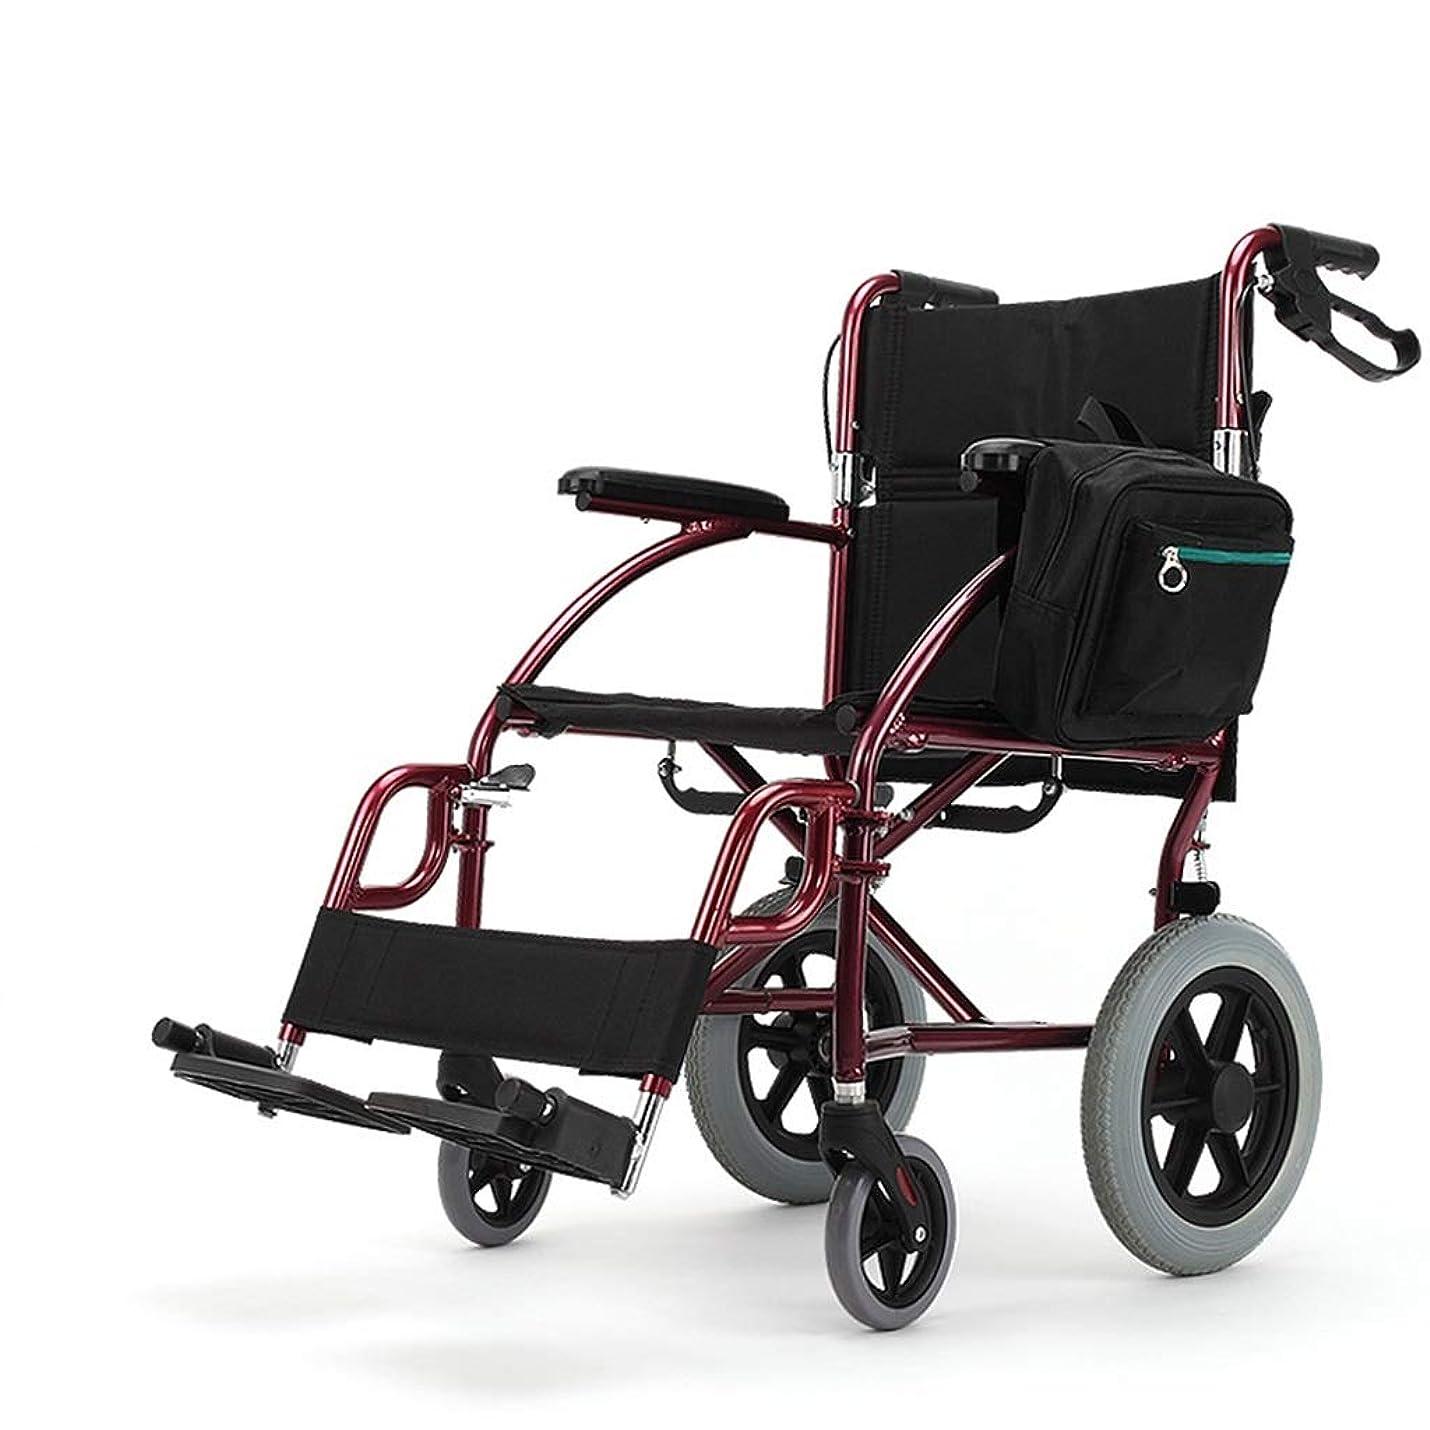 経営者日帰り旅行に入場料屋外旅行のための手動車椅子、折り畳み式のアルミ折りたたみ車椅子取り外し可能なペダル、障害者のための車椅子